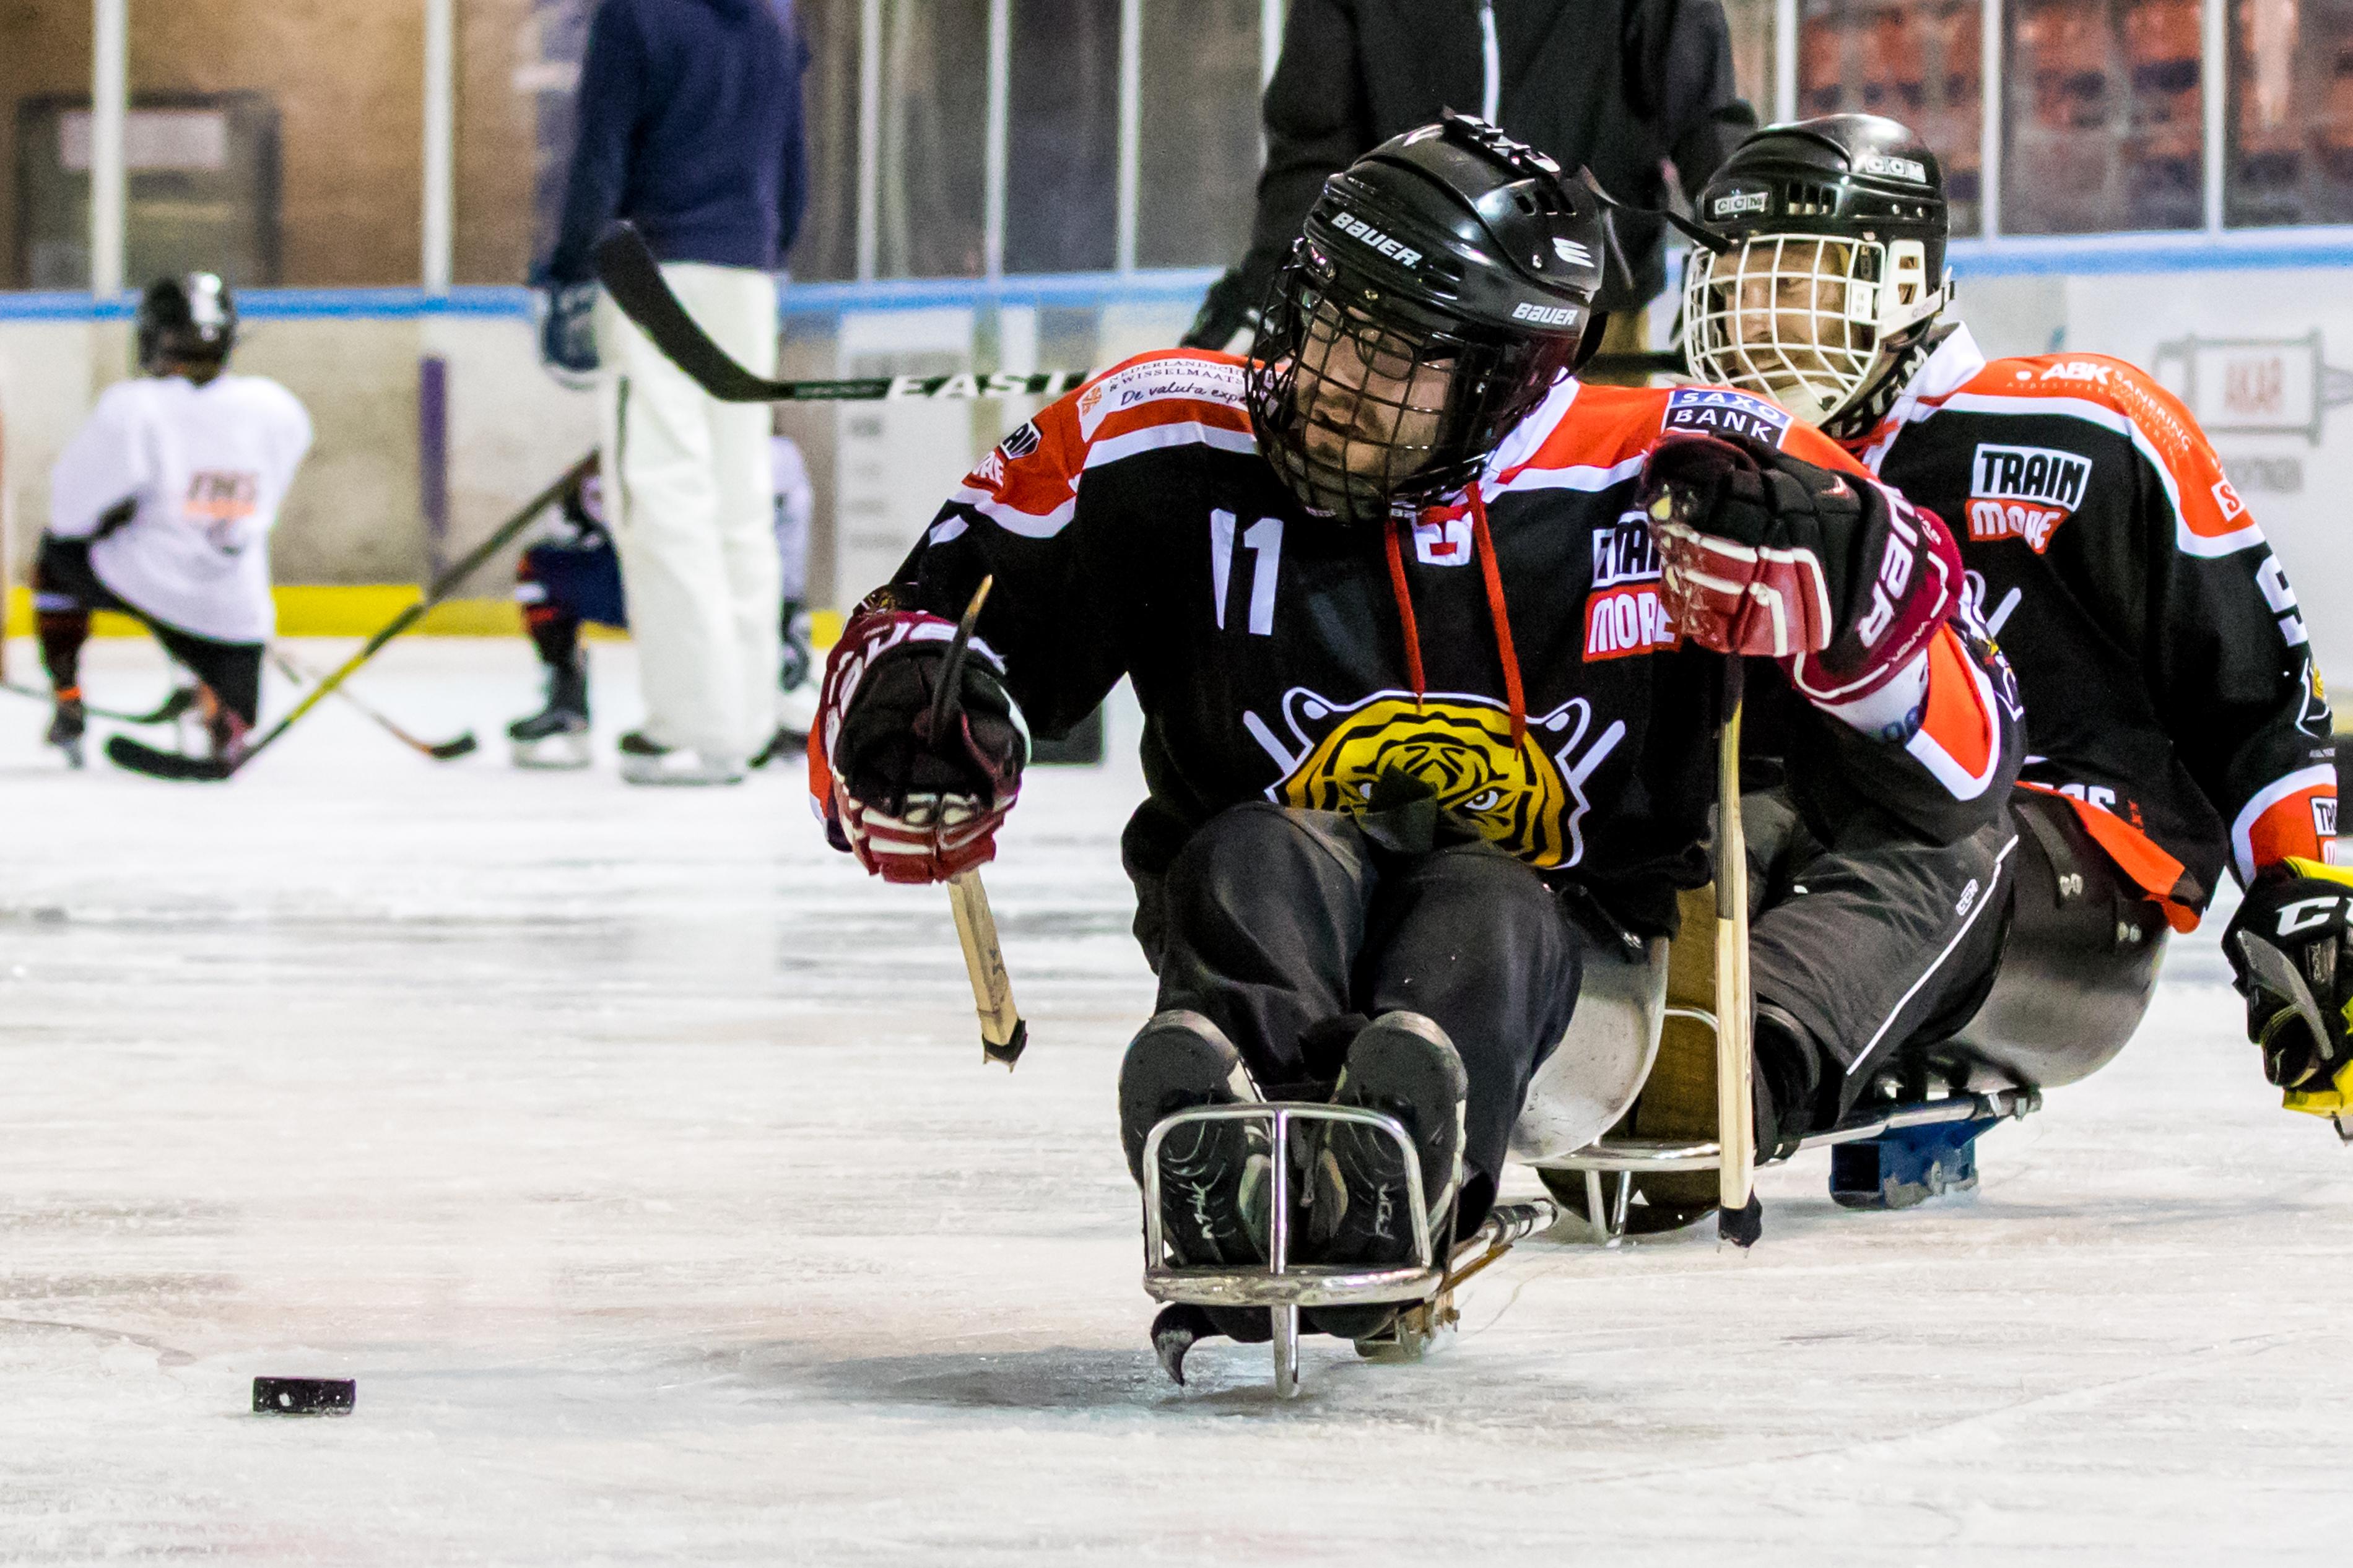 Gehandicaptensport Nederland Para Ice Hockey